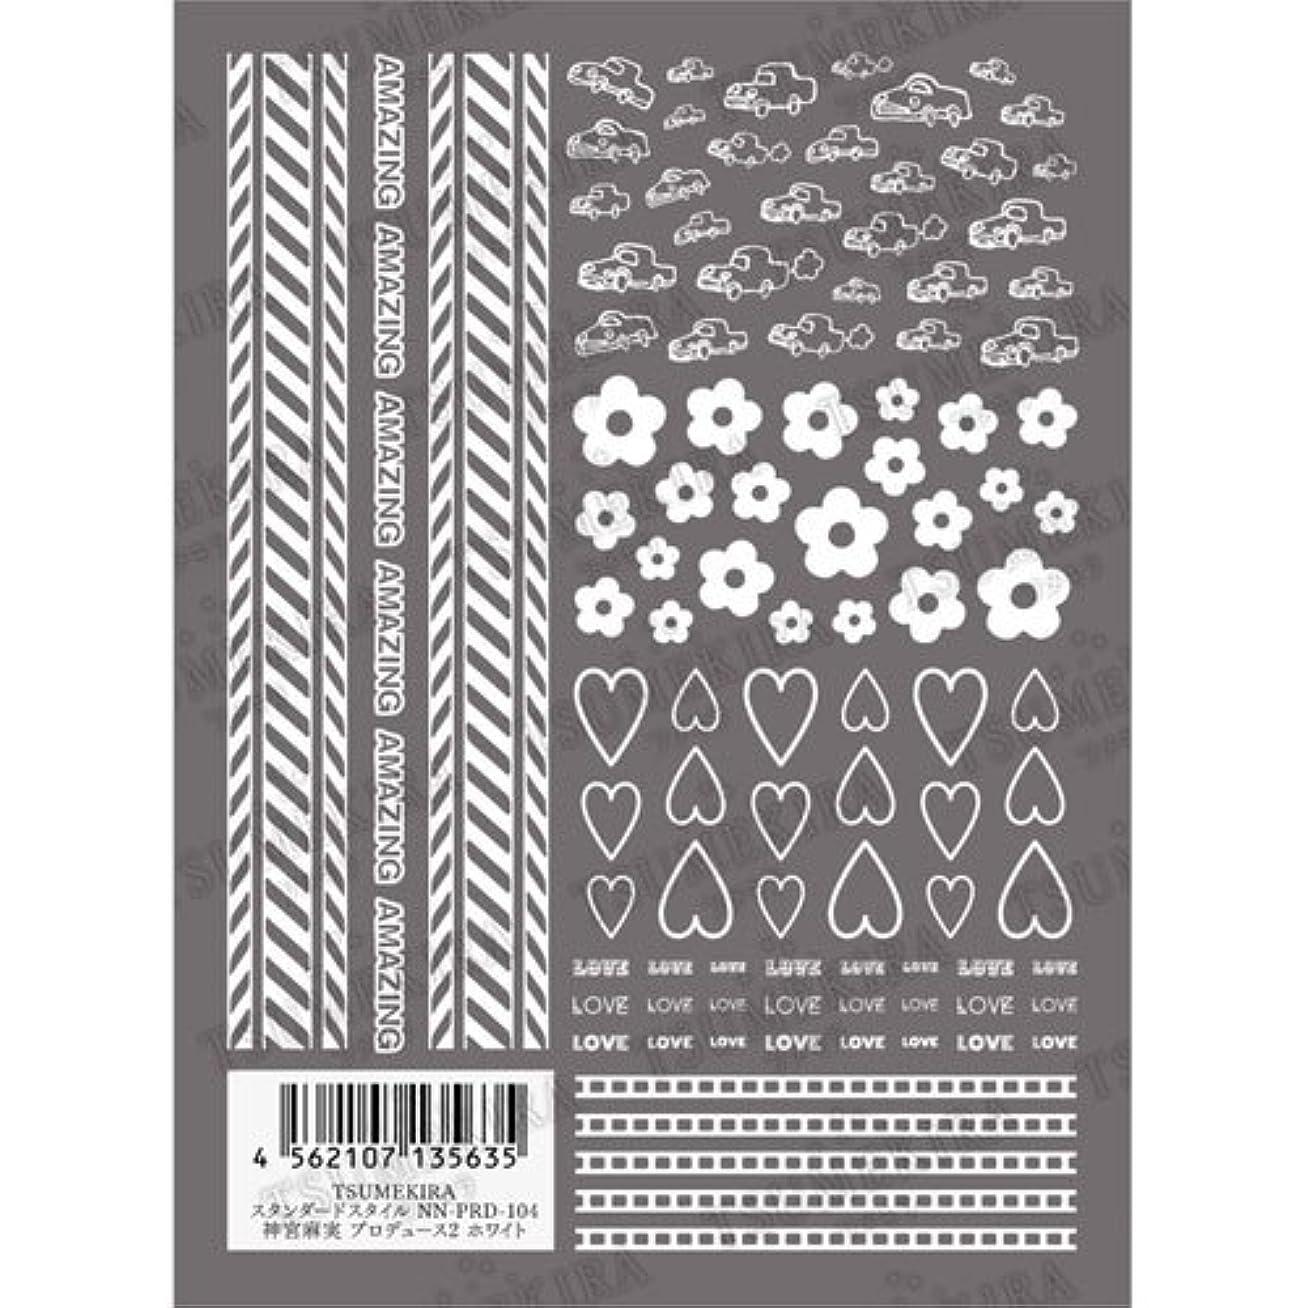 再生輝くファセットツメキラ ネイル用シール スタンダードスタイル 神宮麻美プロデュース2 ホワイト